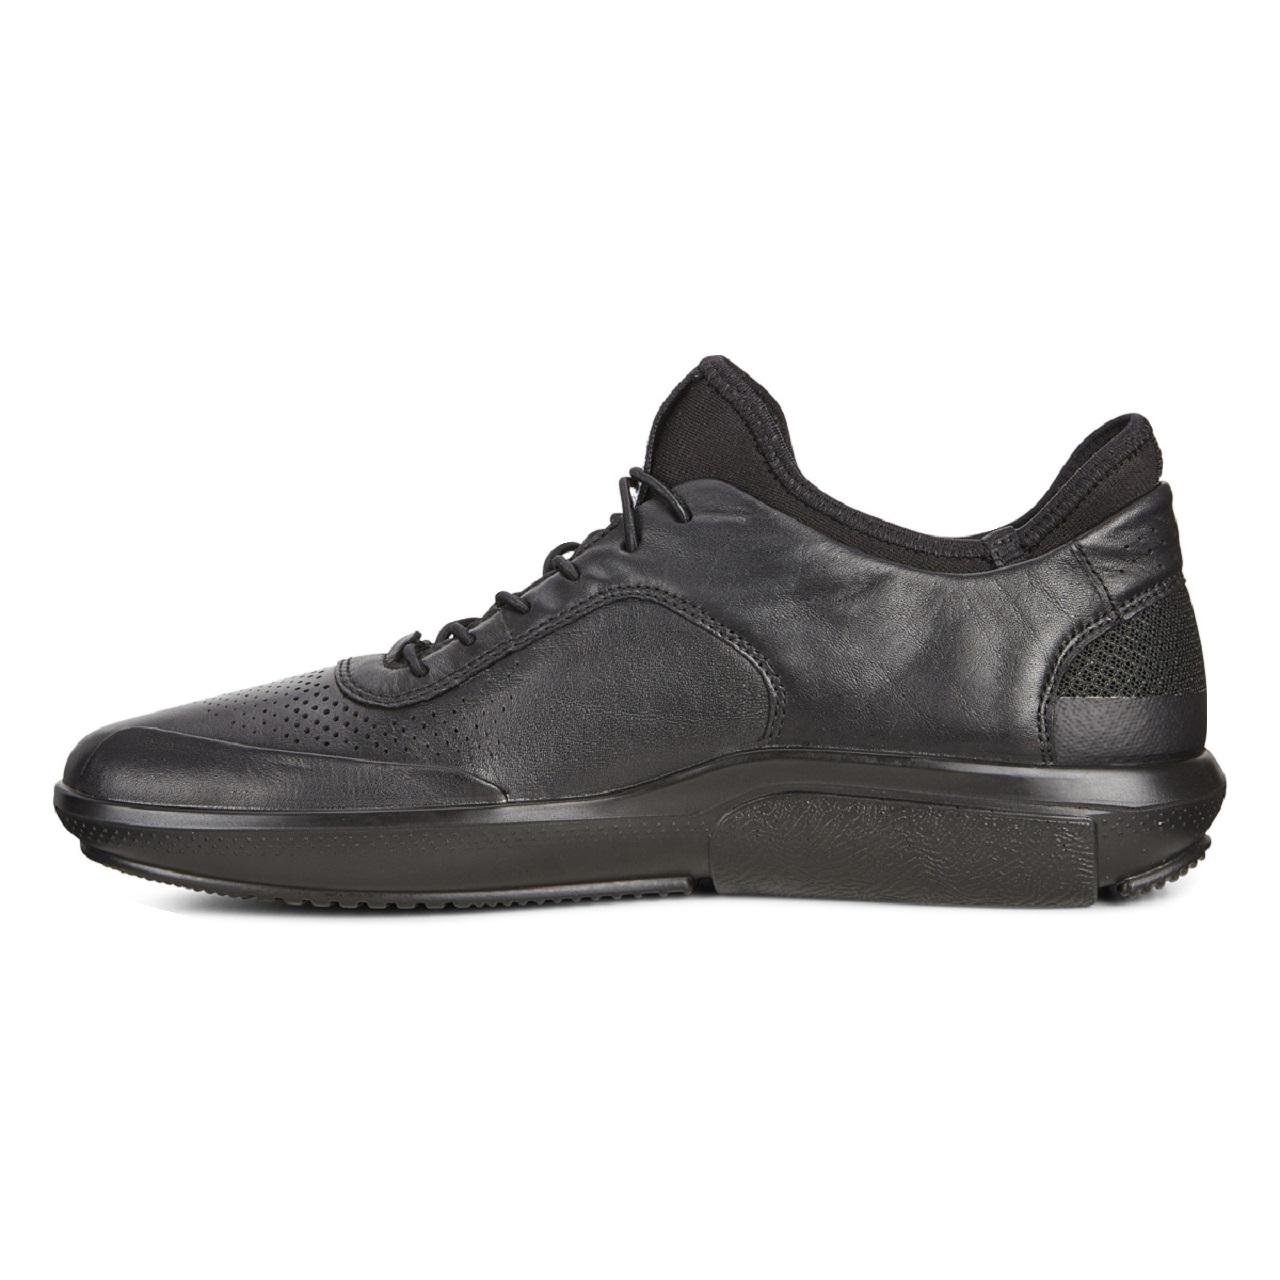 کفش مردانه اکو کد 839554